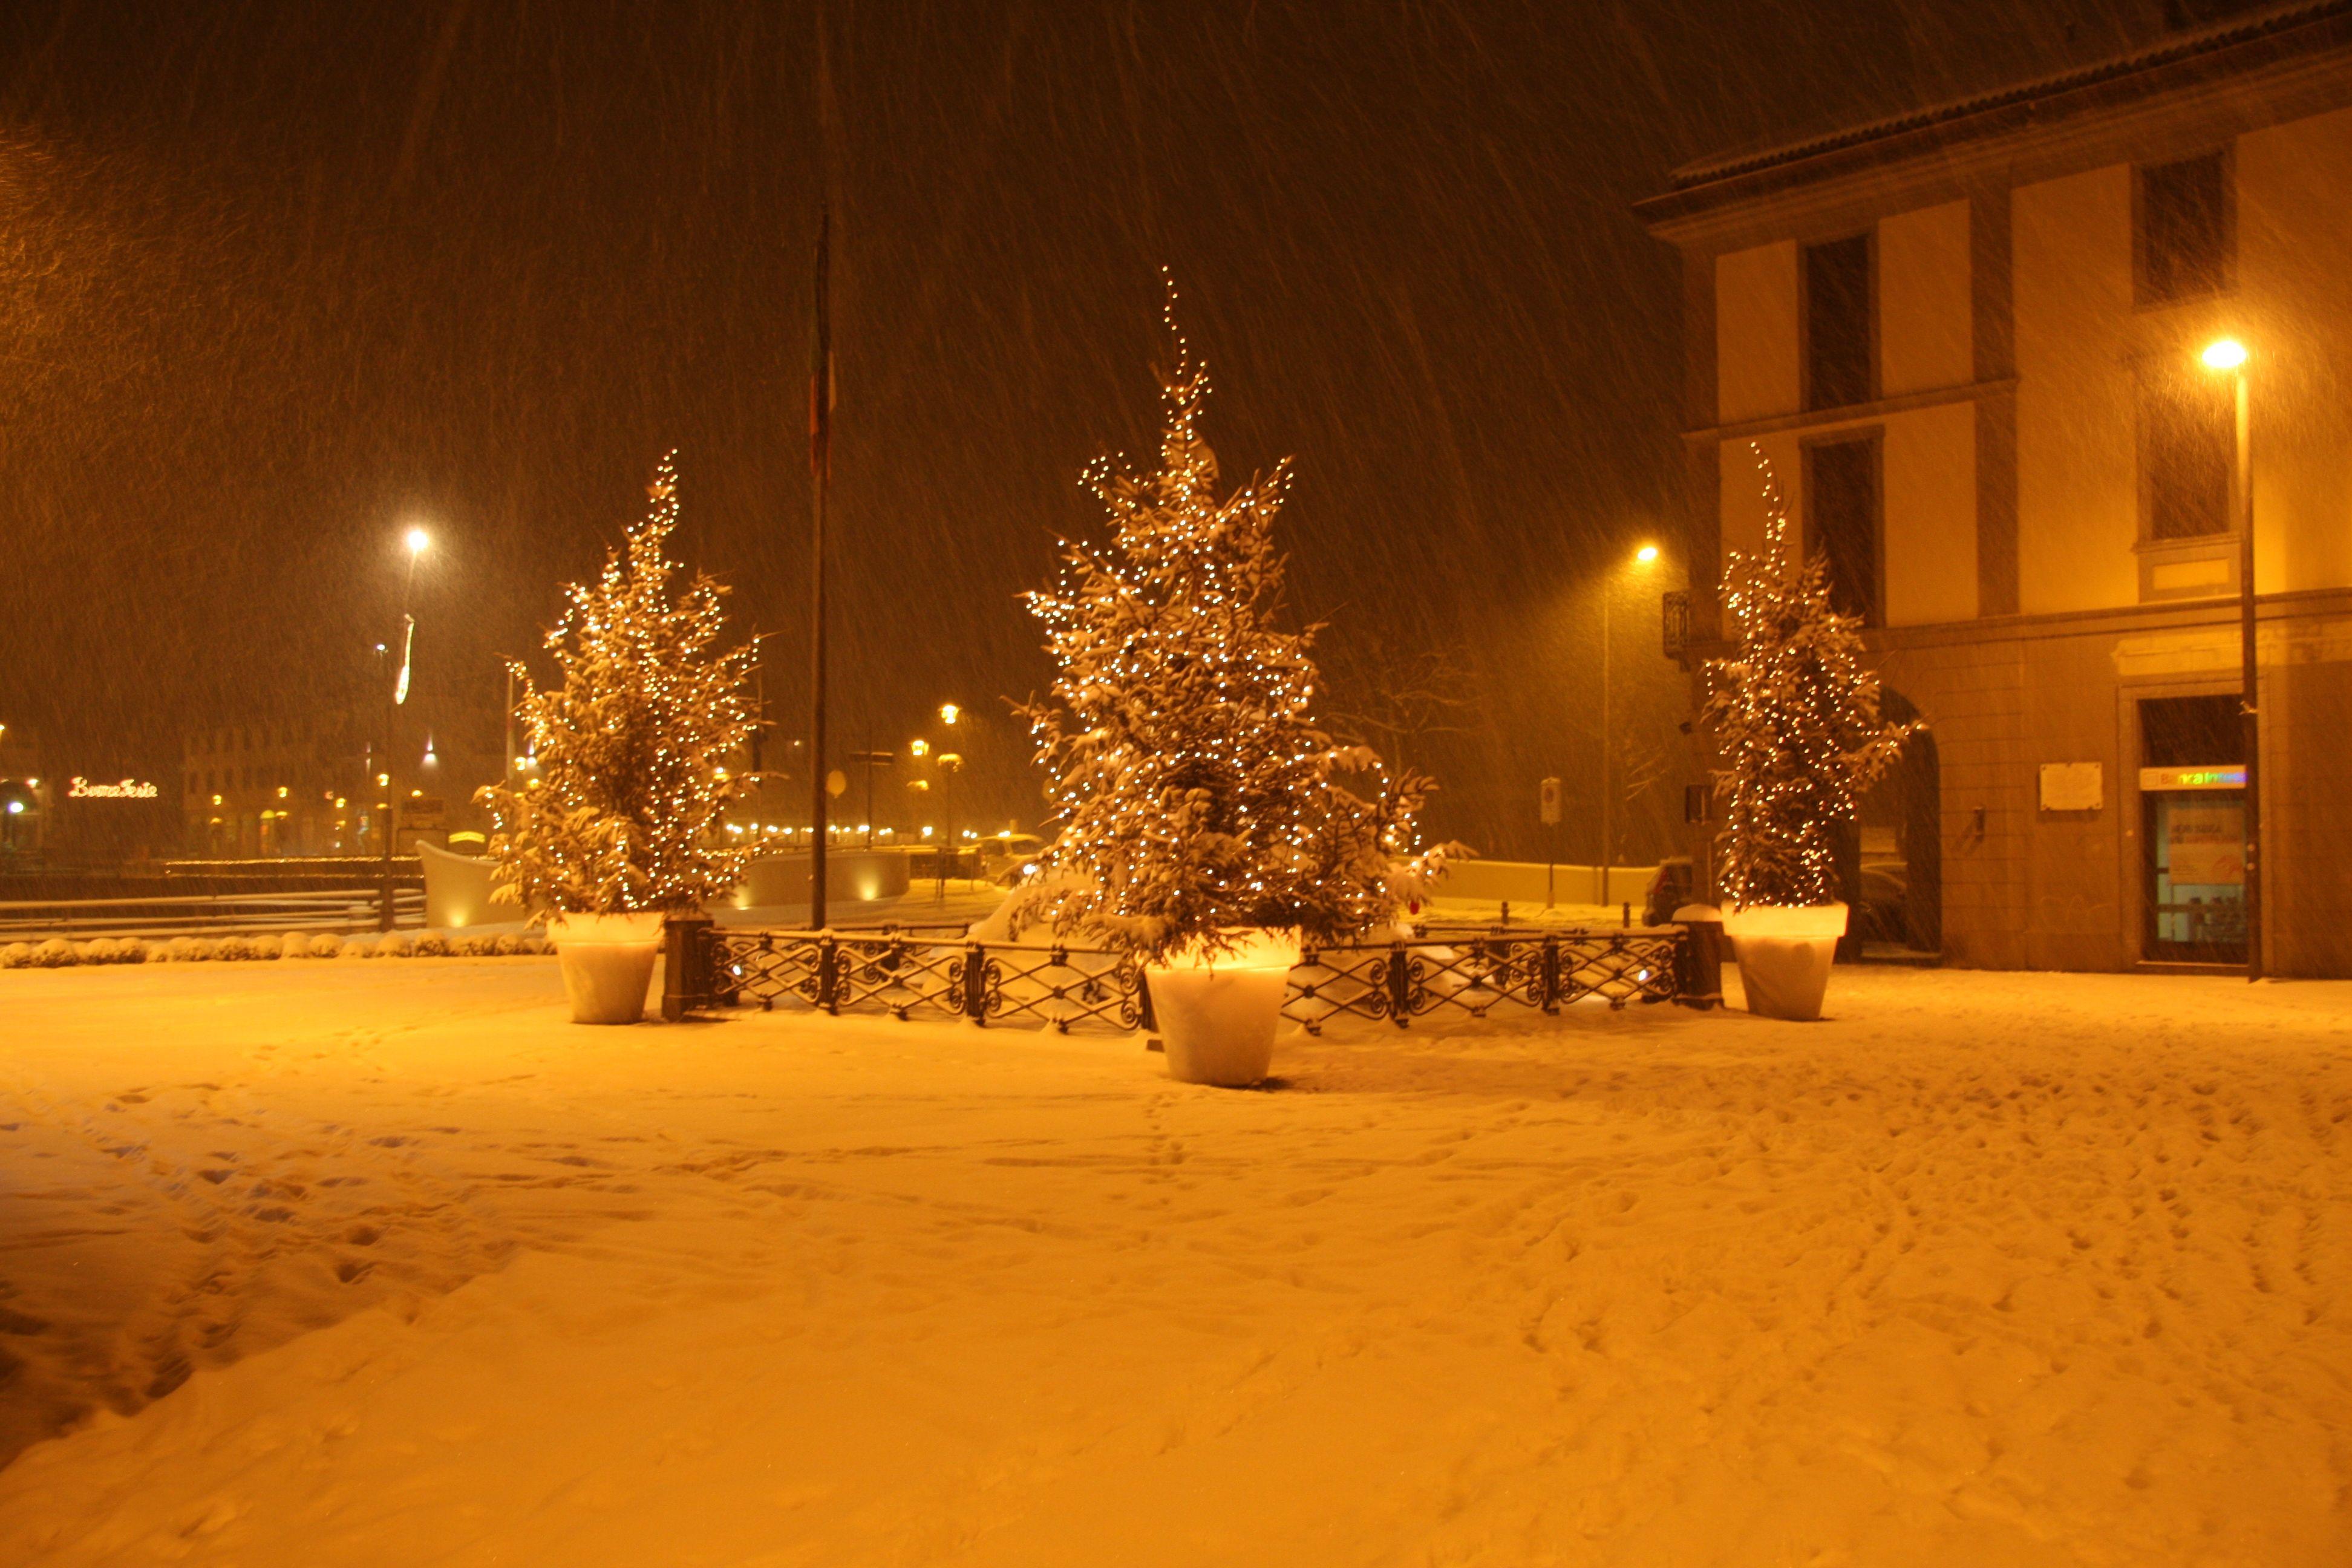 Sarnico,le piazze con gli addobbi natalizi www.centrostoricosarnico.it